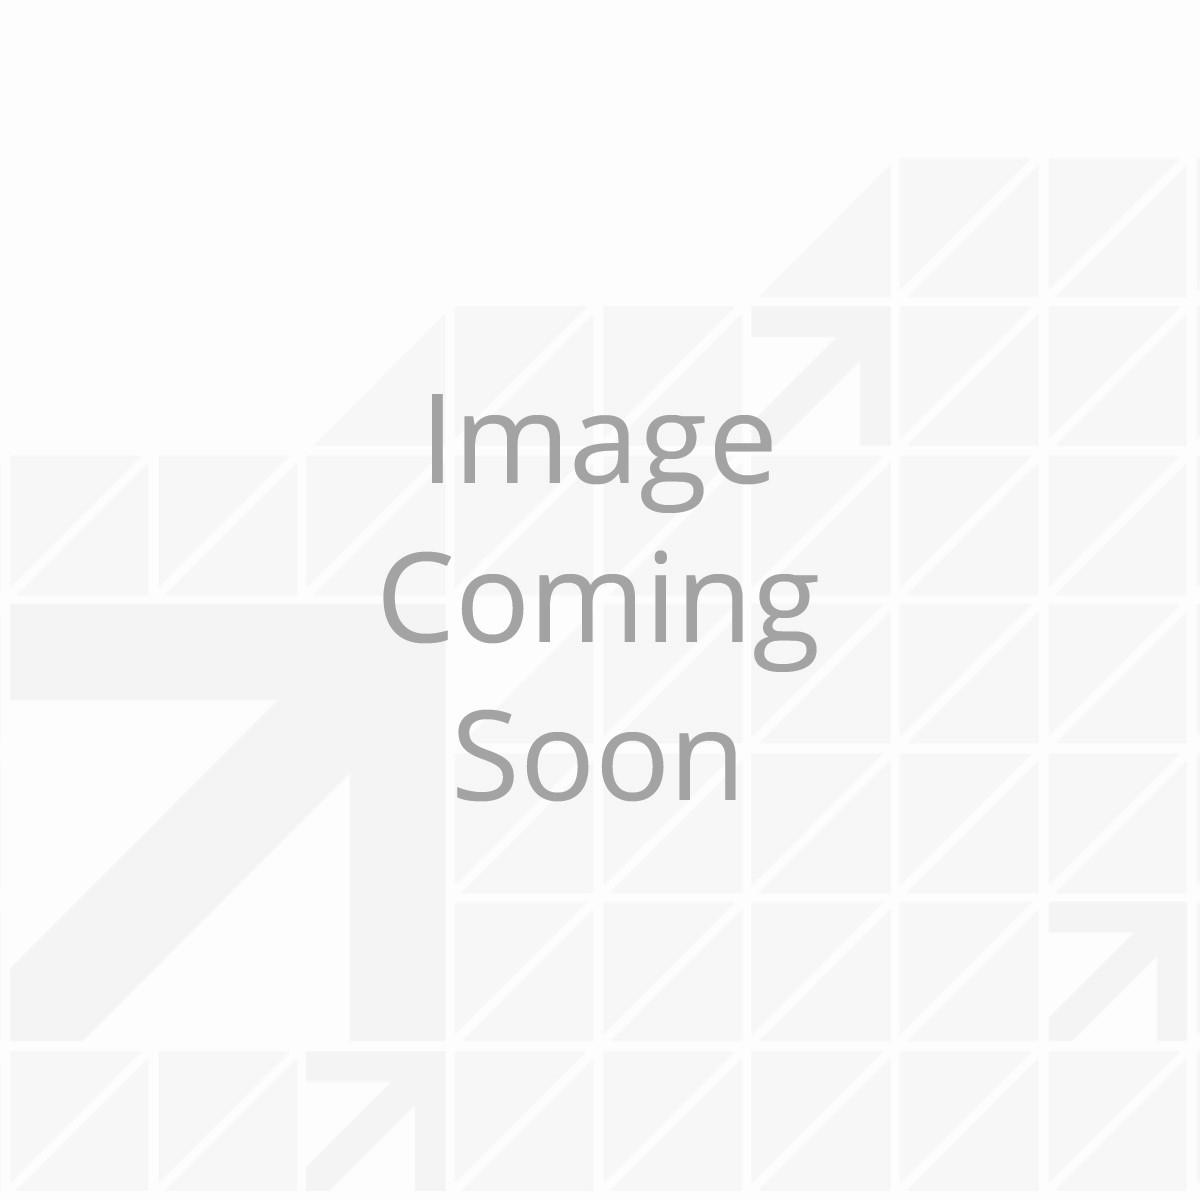 Thomas Payne® Microfiber Sheet Set, White - Narrow King